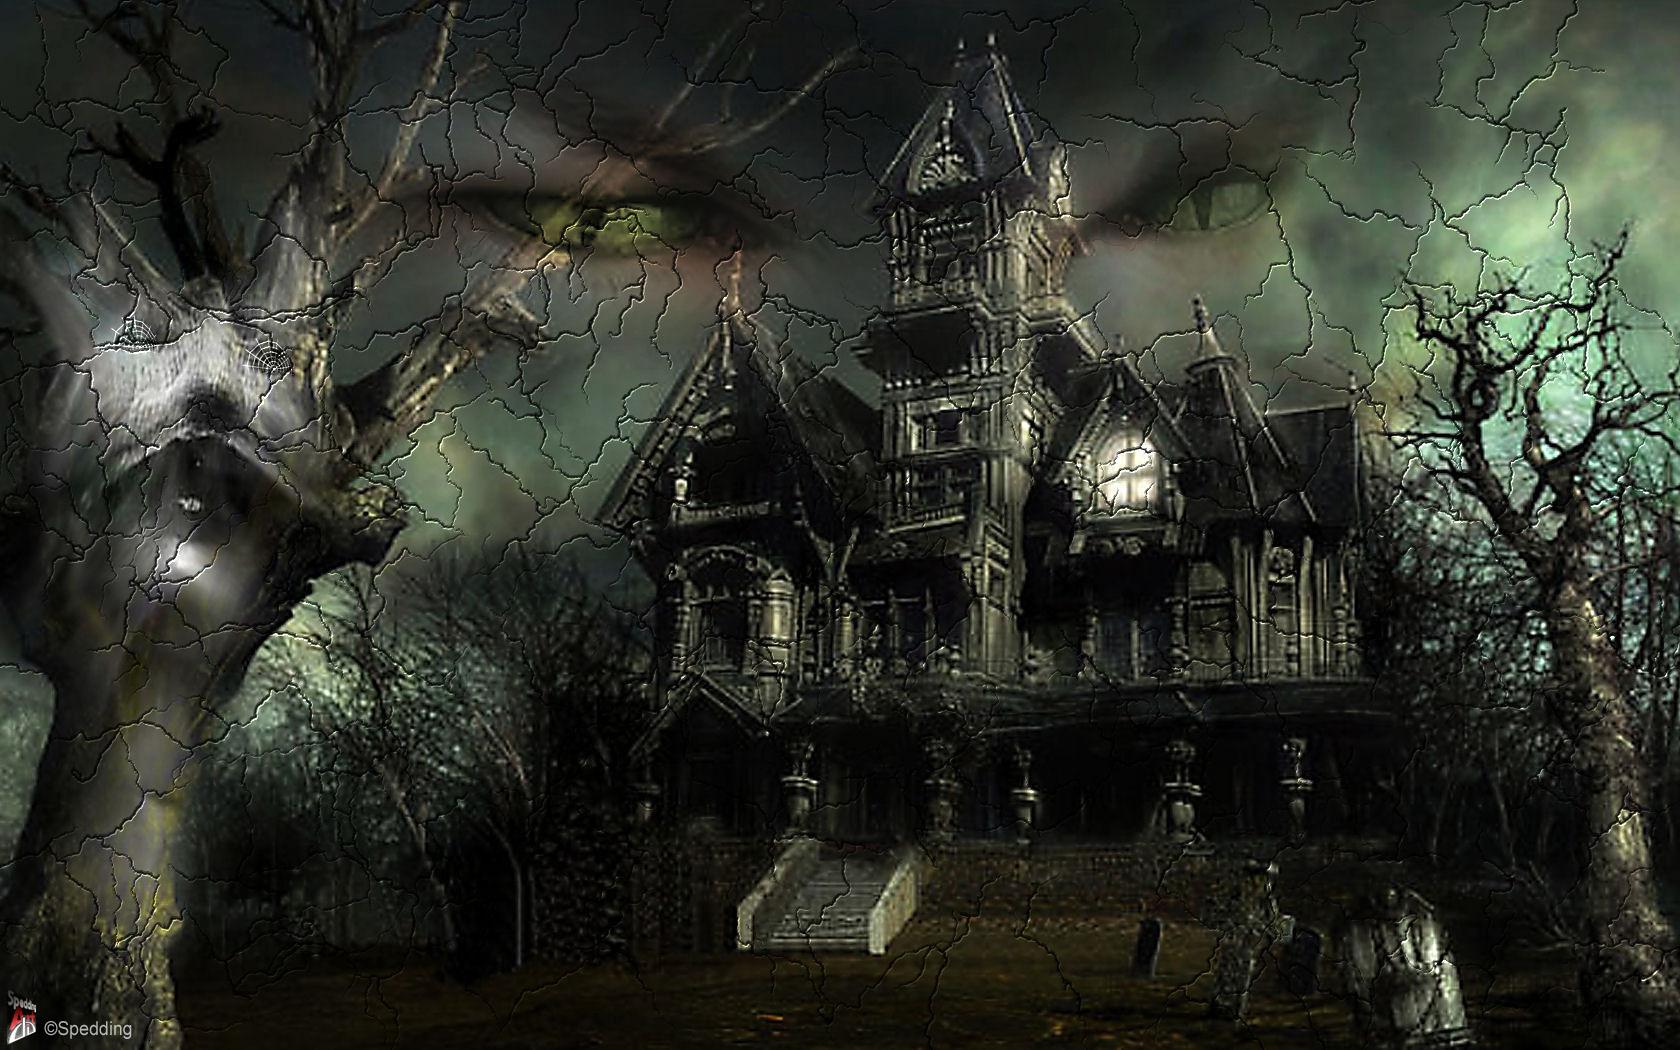 Publi le 20102011 1045 par lassy028 Tags Halloween 1680x1050